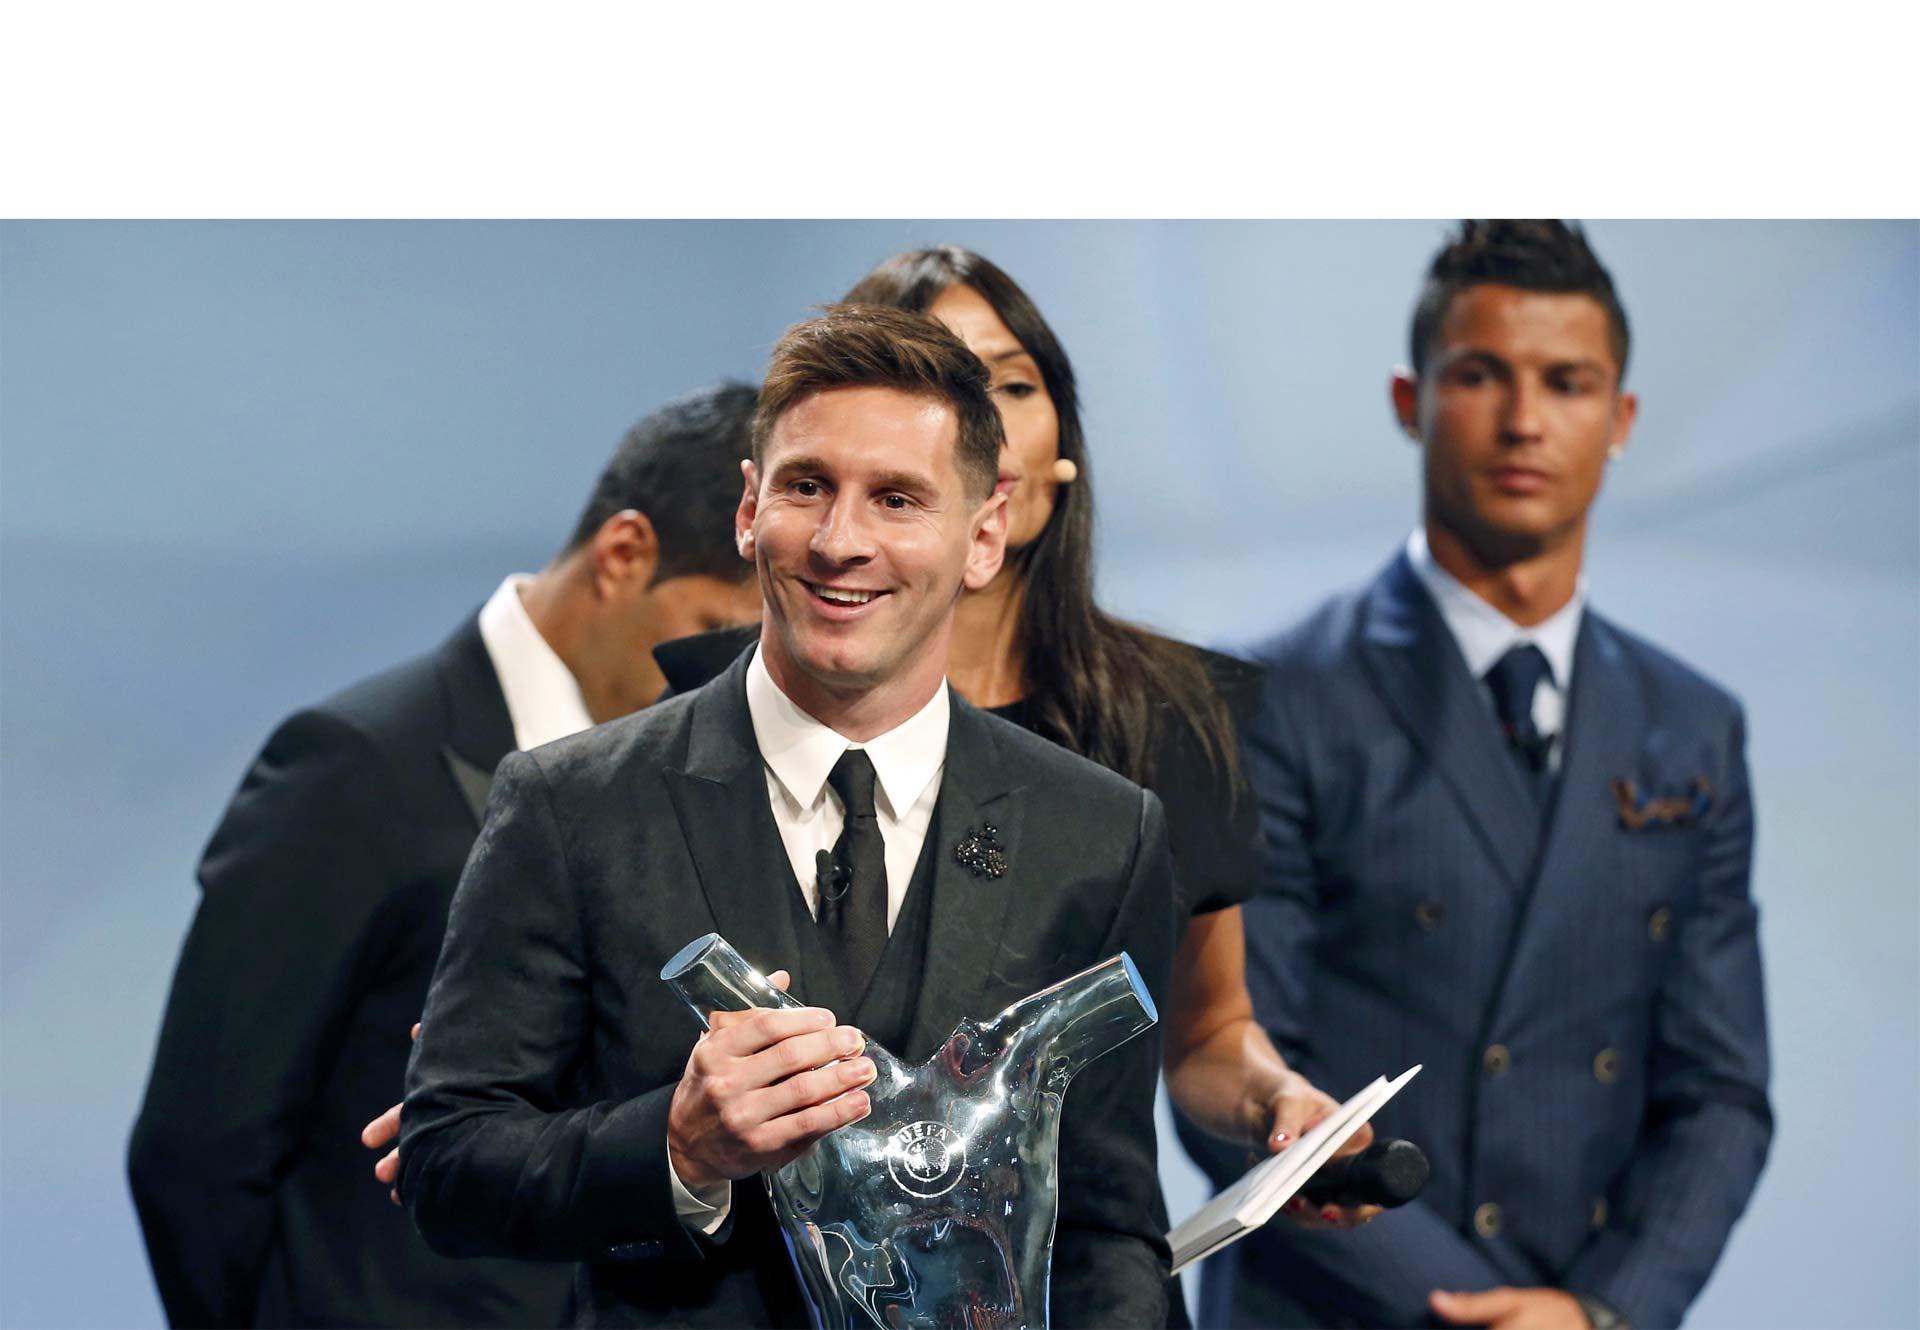 El argentino fue premiado en la gala de la UEFA luego del sorteo de la Liga de Campeones 2015/16